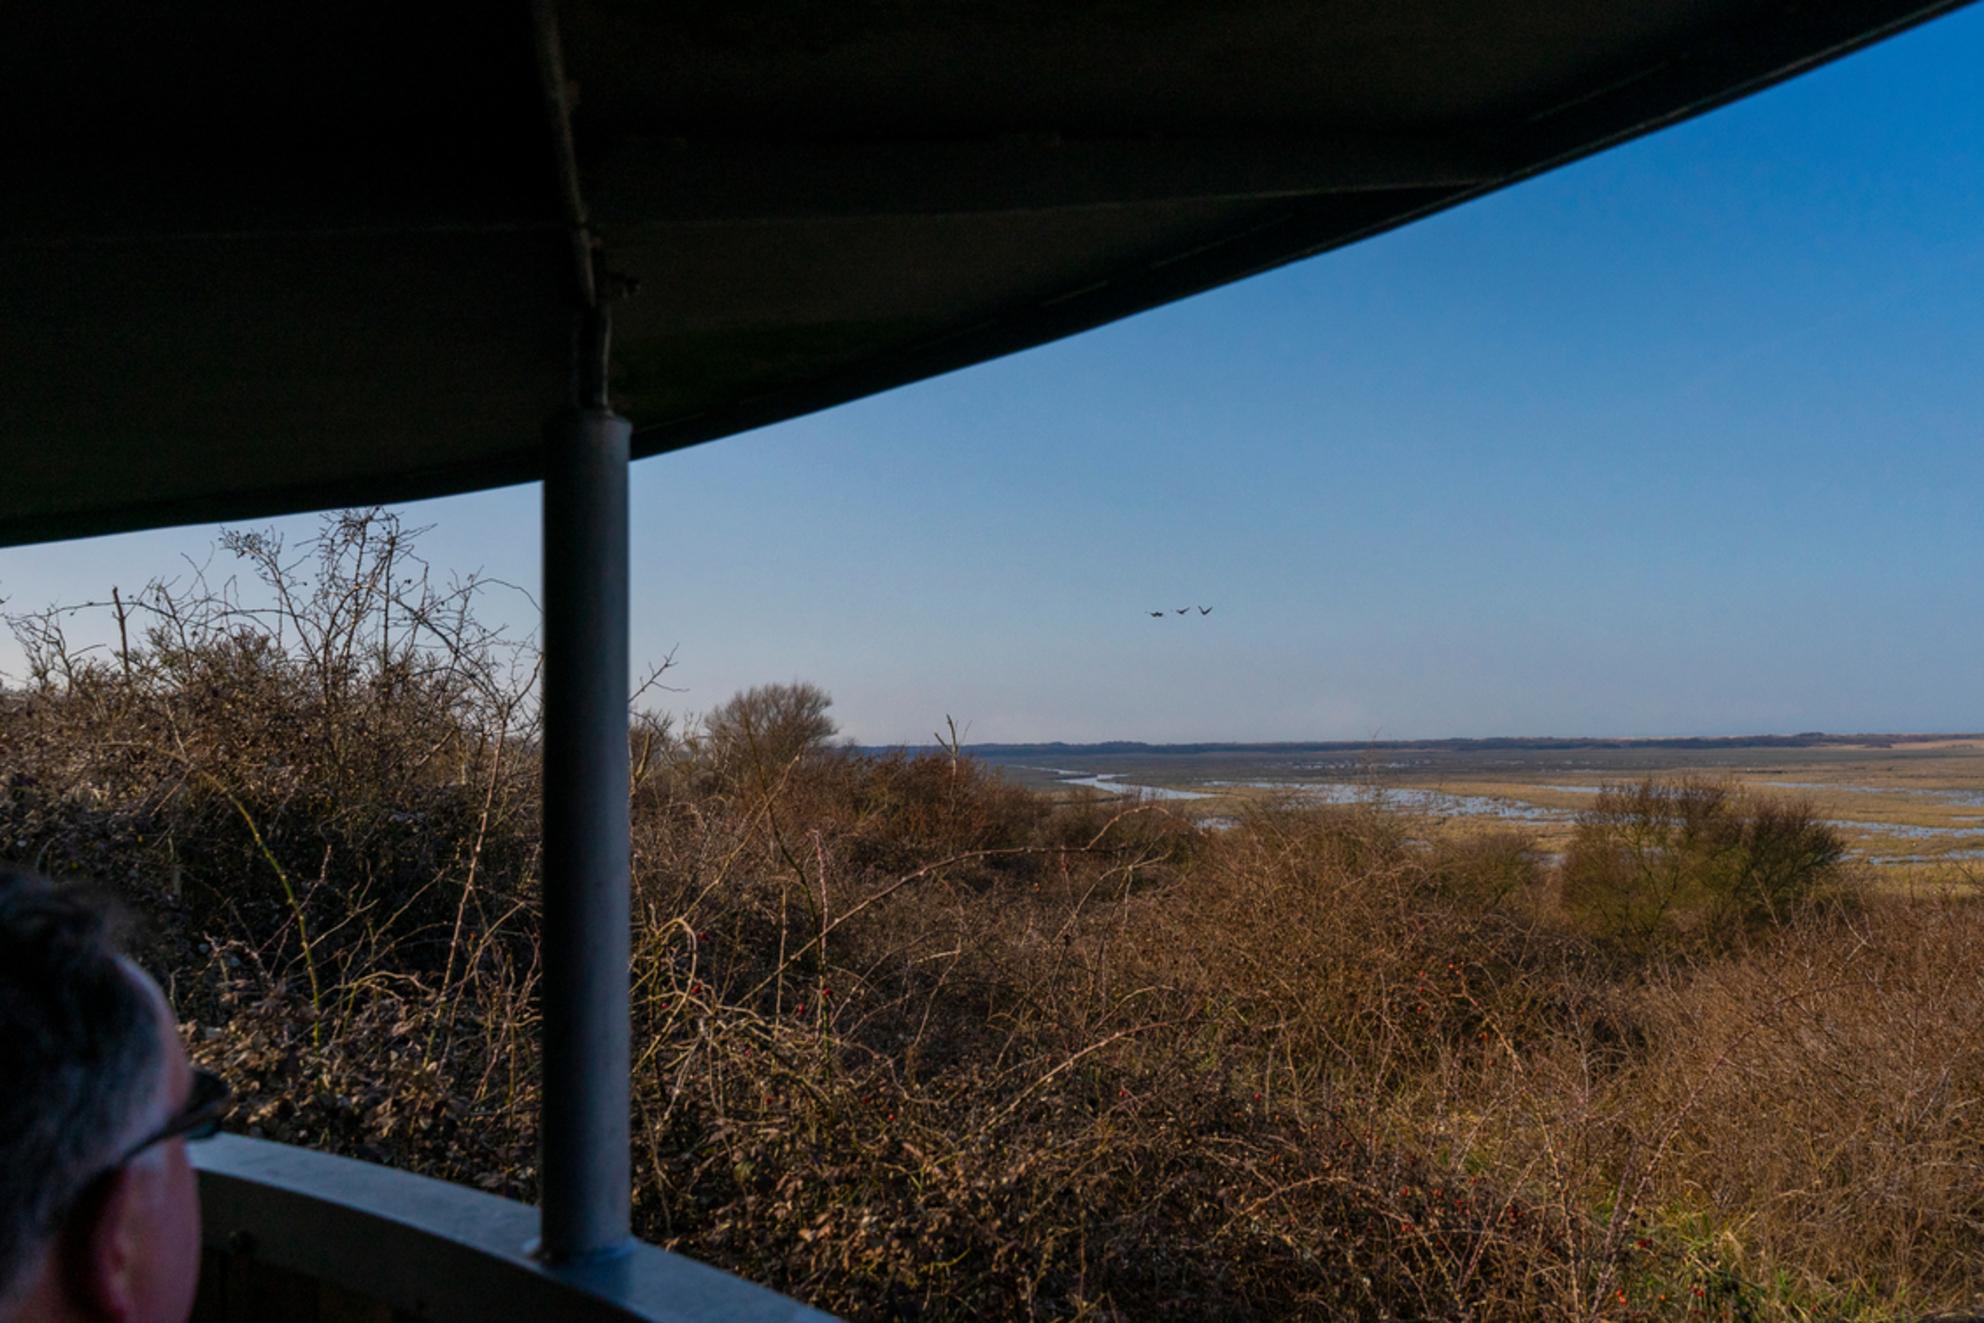 Hij ziet ze vliegen . - Vogels spotten bij de kwade hoek .(even groot kijken) - foto door bergmanfotografie op 03-03-2021 - deze foto bevat: natuur, nederland